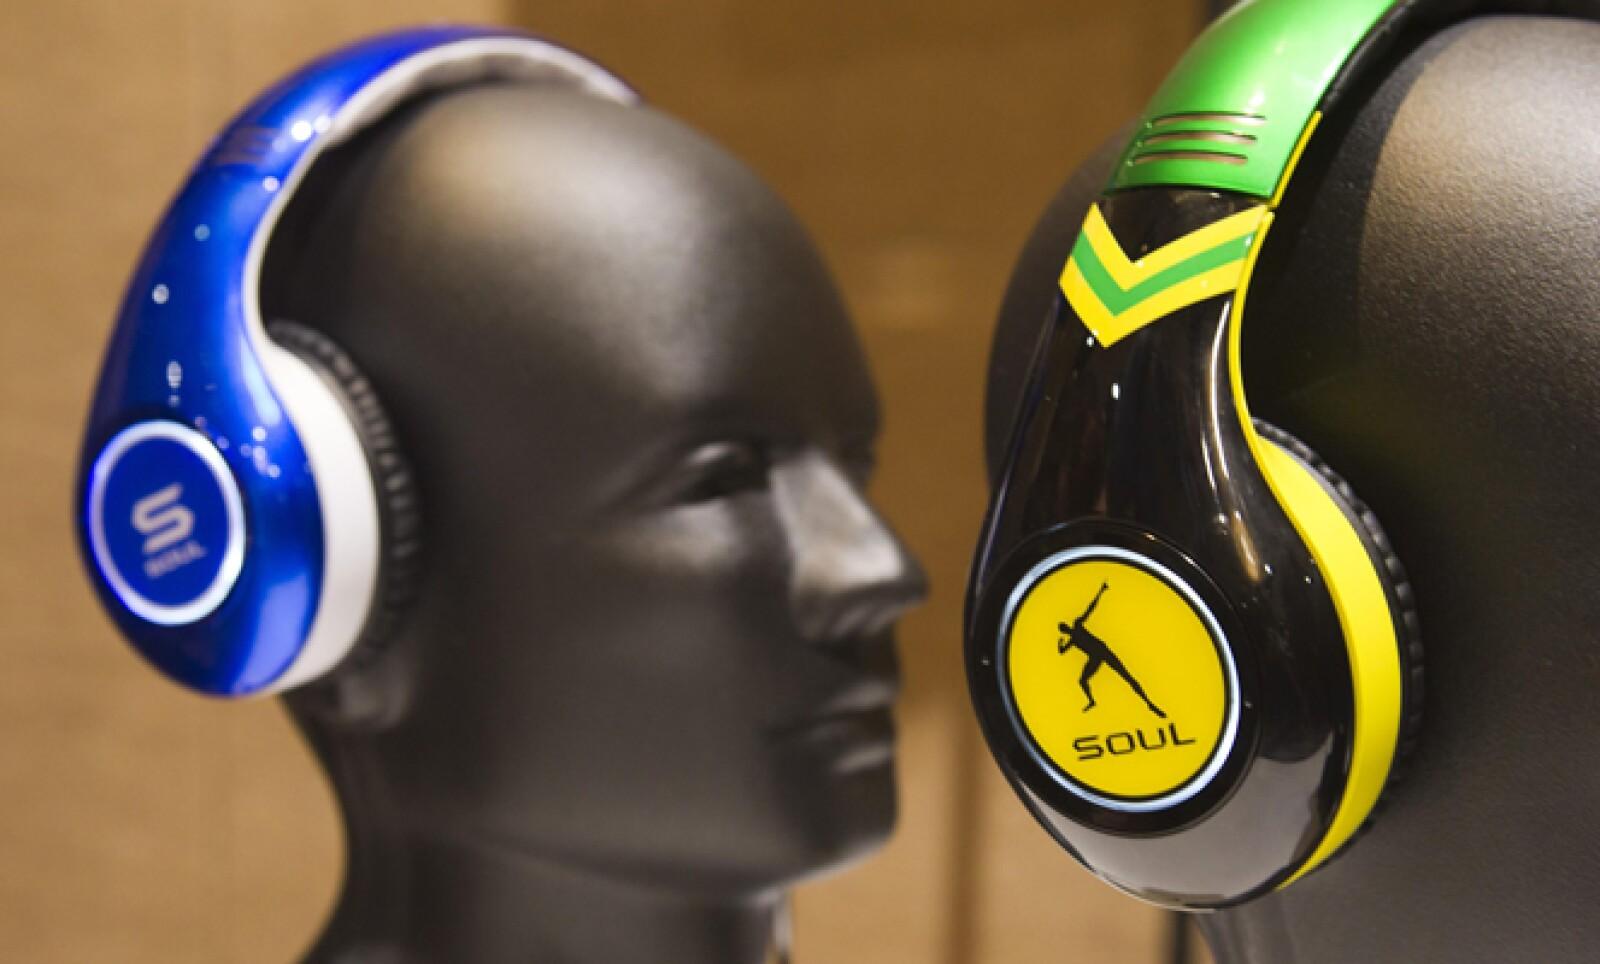 En el CES 2013 se presentan las tendencias de consumo de la industria tecnológica. En la imagen un par de audífonos Soul SL300 inspirados en Tim Tebow y Usain Bolt.